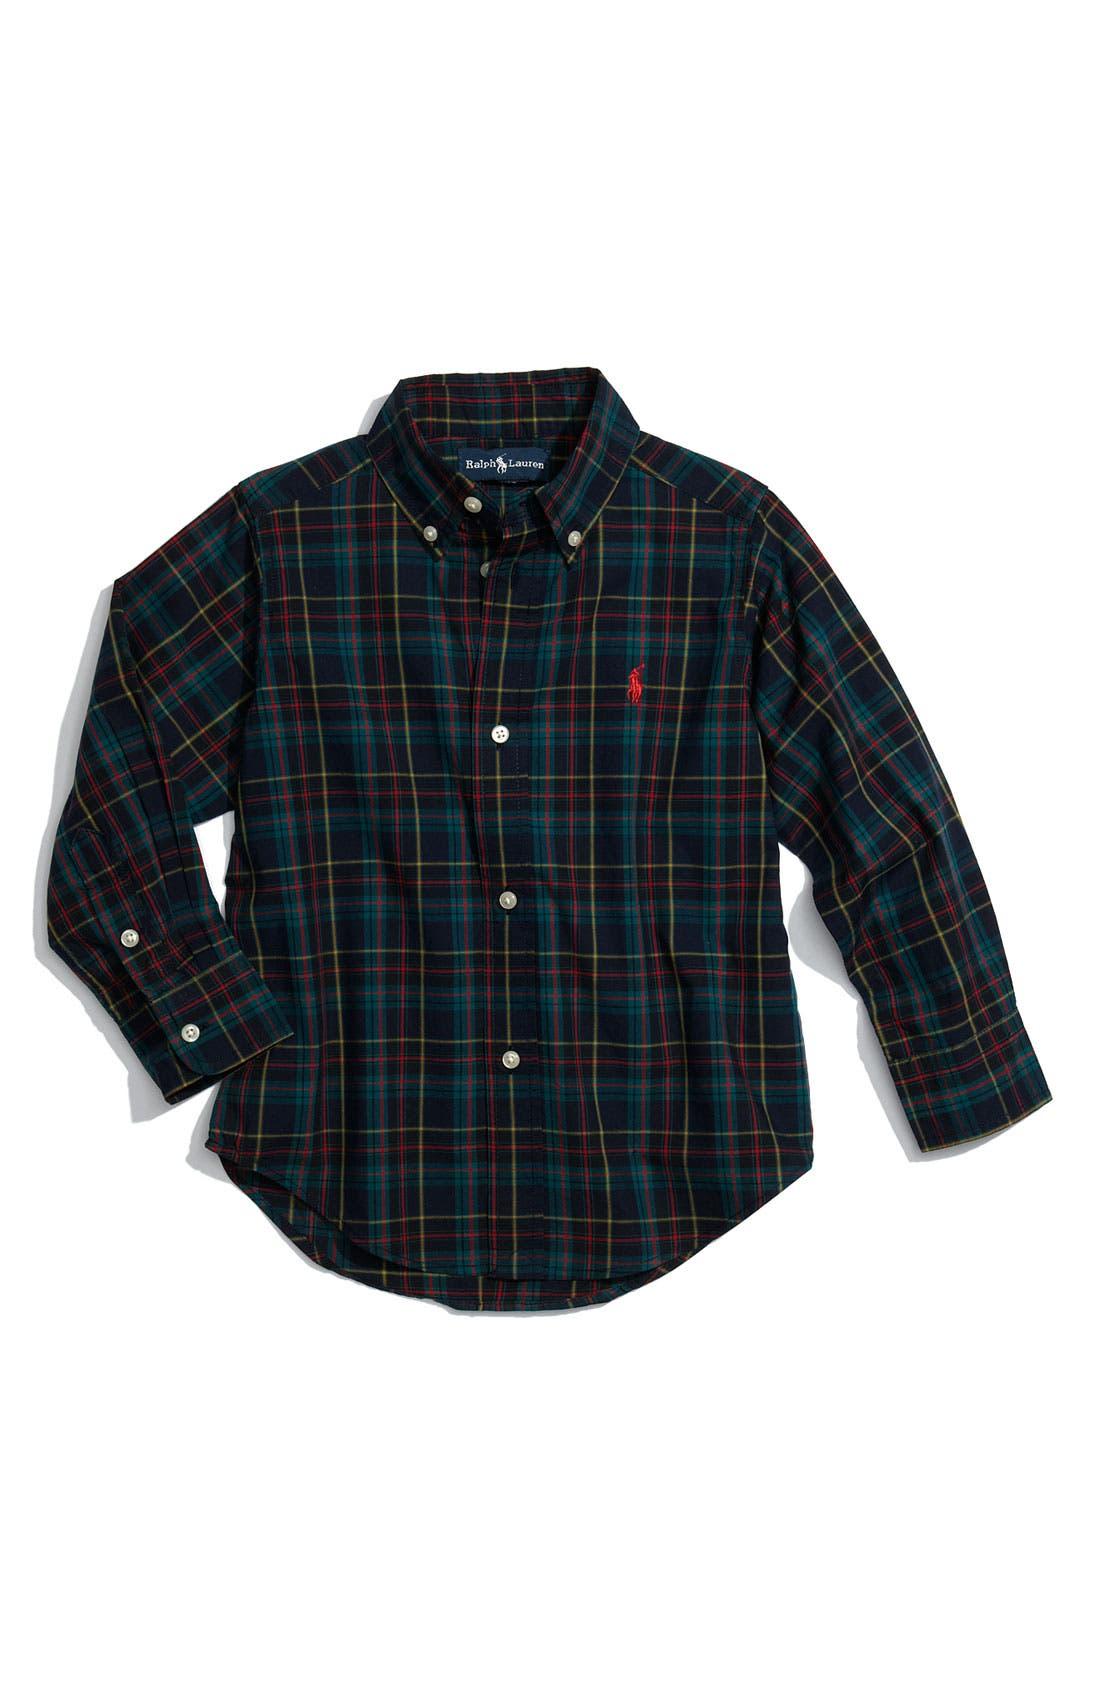 Main Image - Ralph Lauren Button Front Shirt (Toddler)